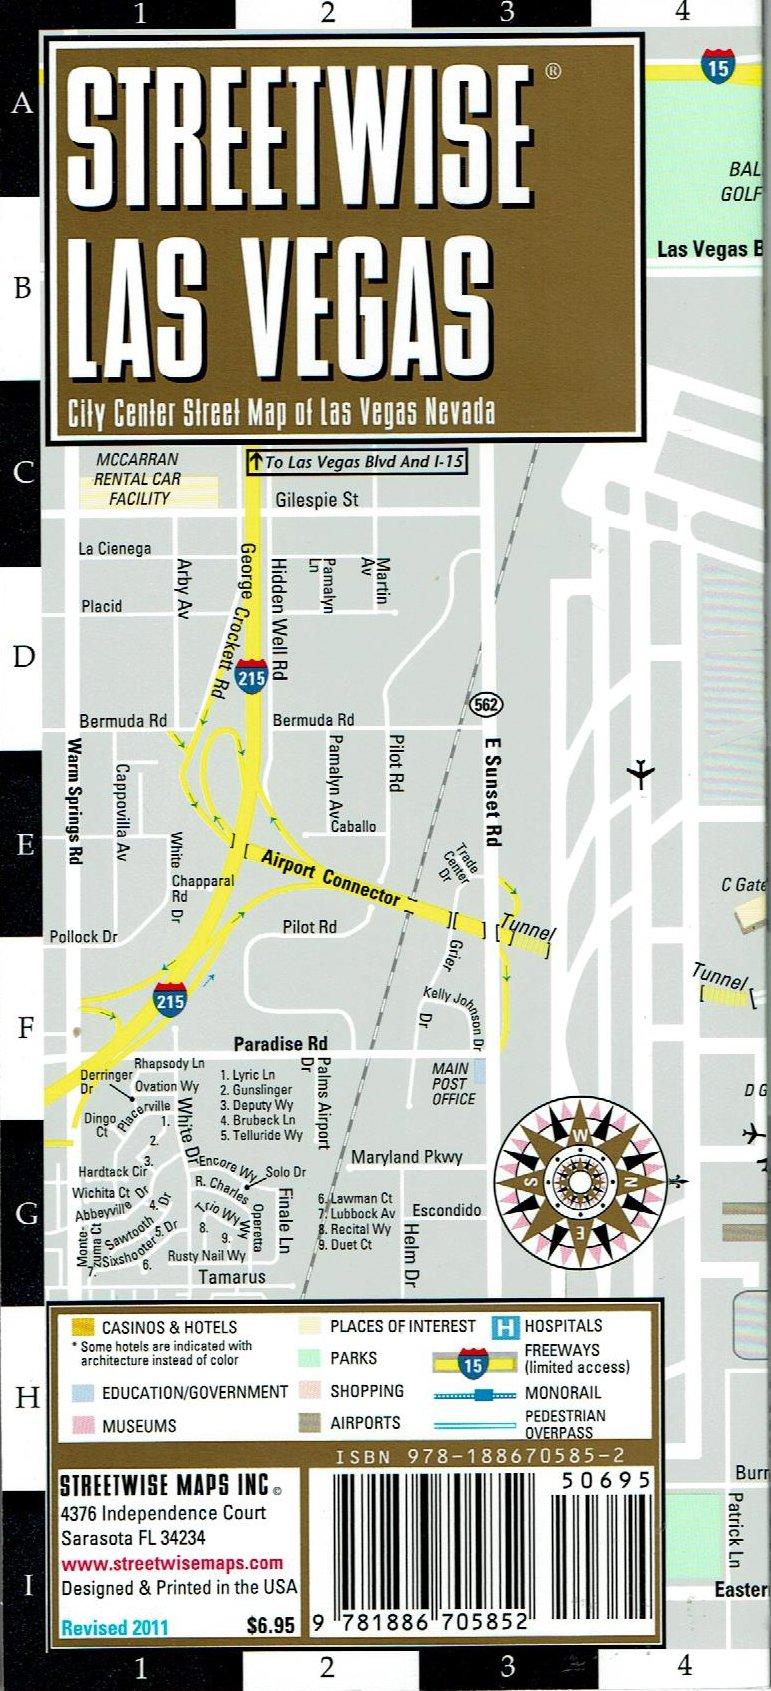 Streetwise Las Vegas City Center Street Map Of Las Vegas Nevada